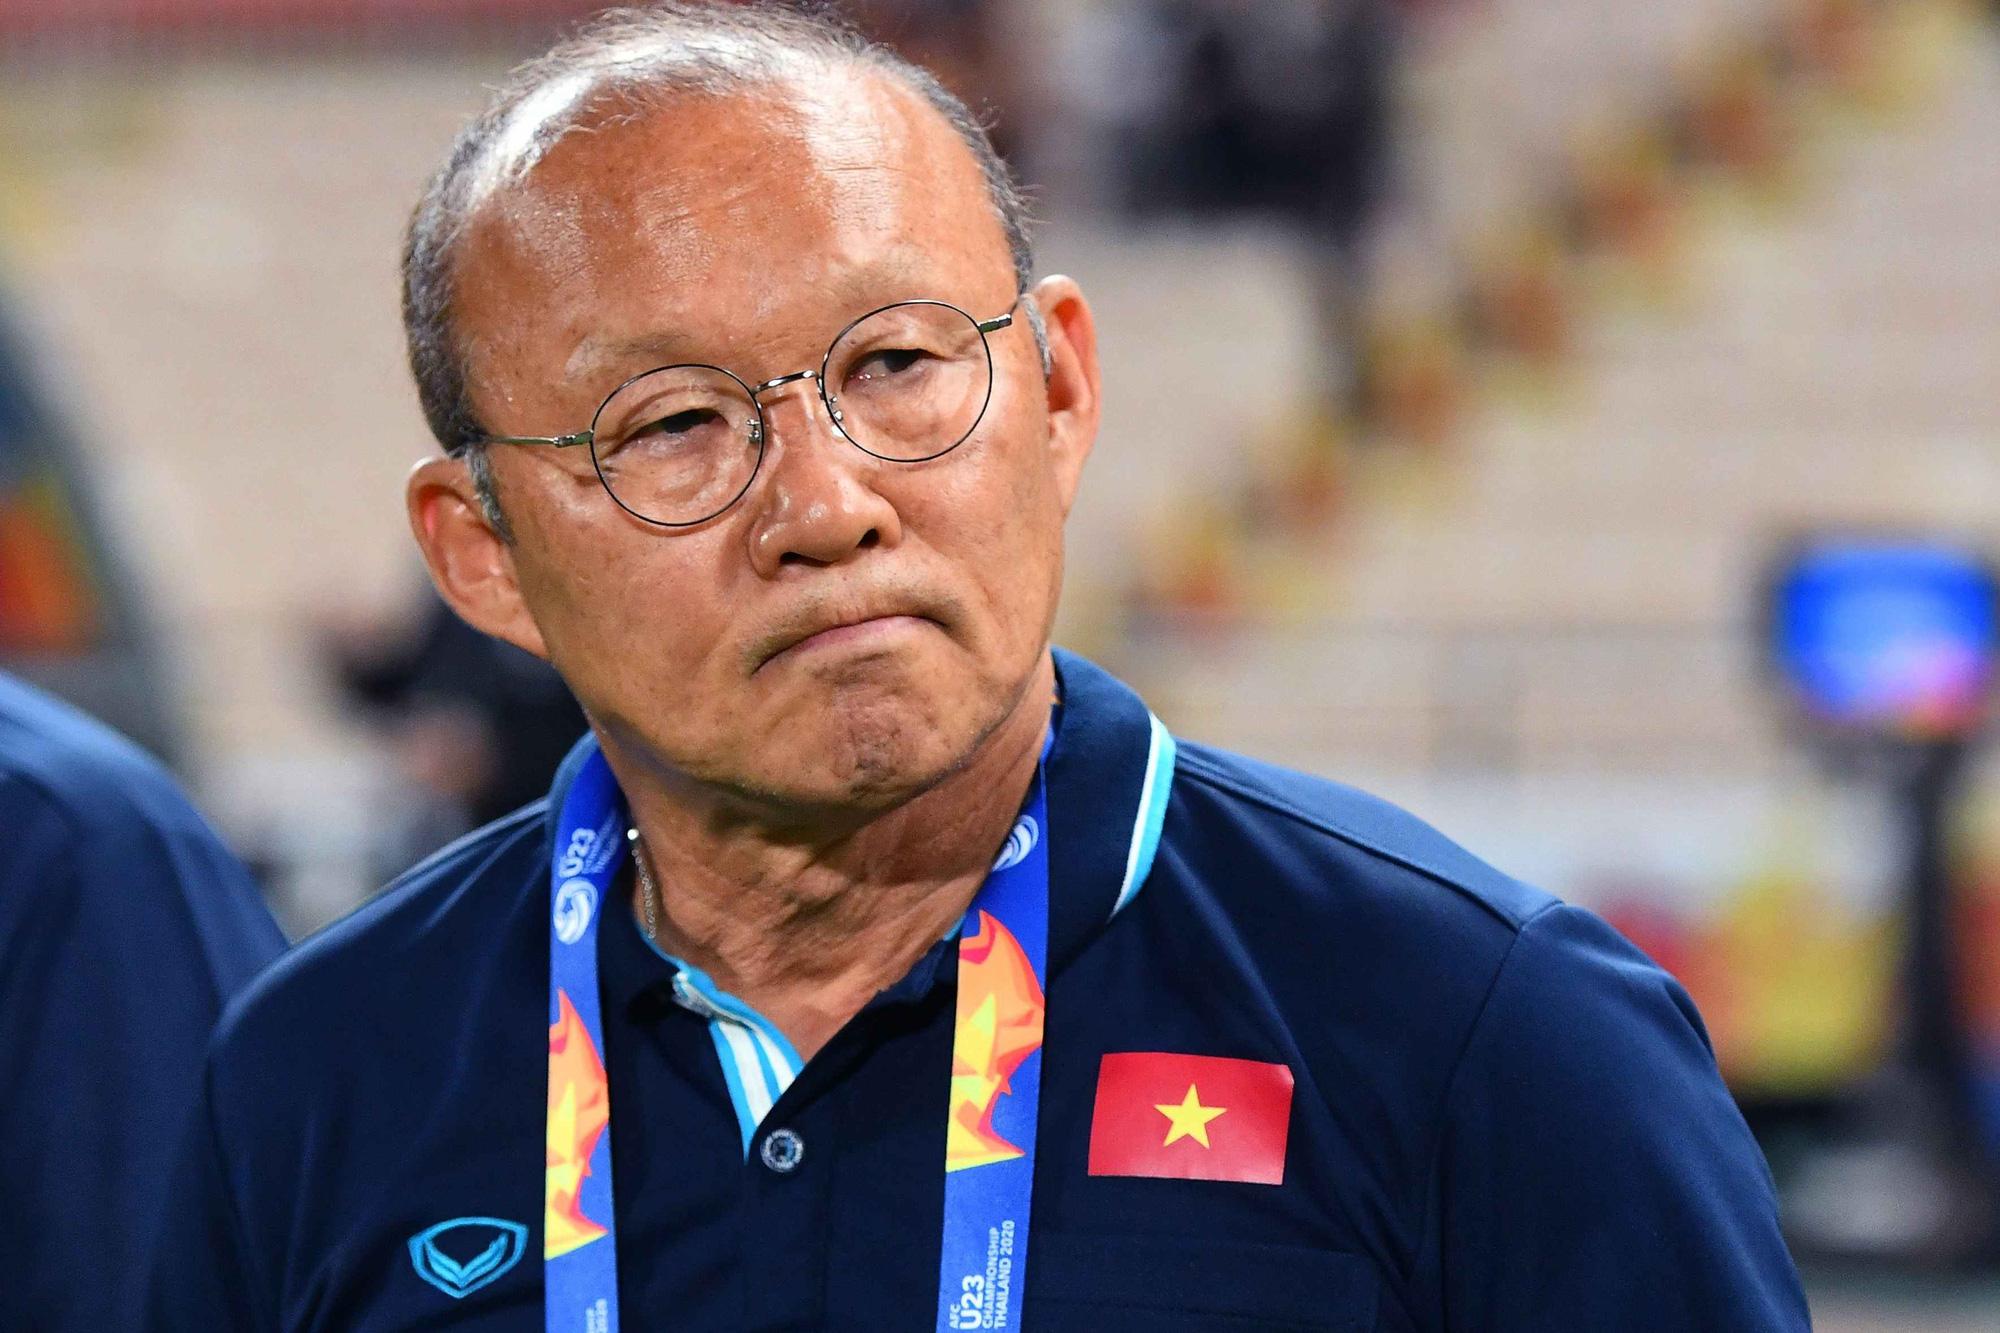 """Bực mình bởi tin đồn, thầy Park nhờ cảnh sát Hàn Quốc """"giải cứu"""" - Ảnh 2."""